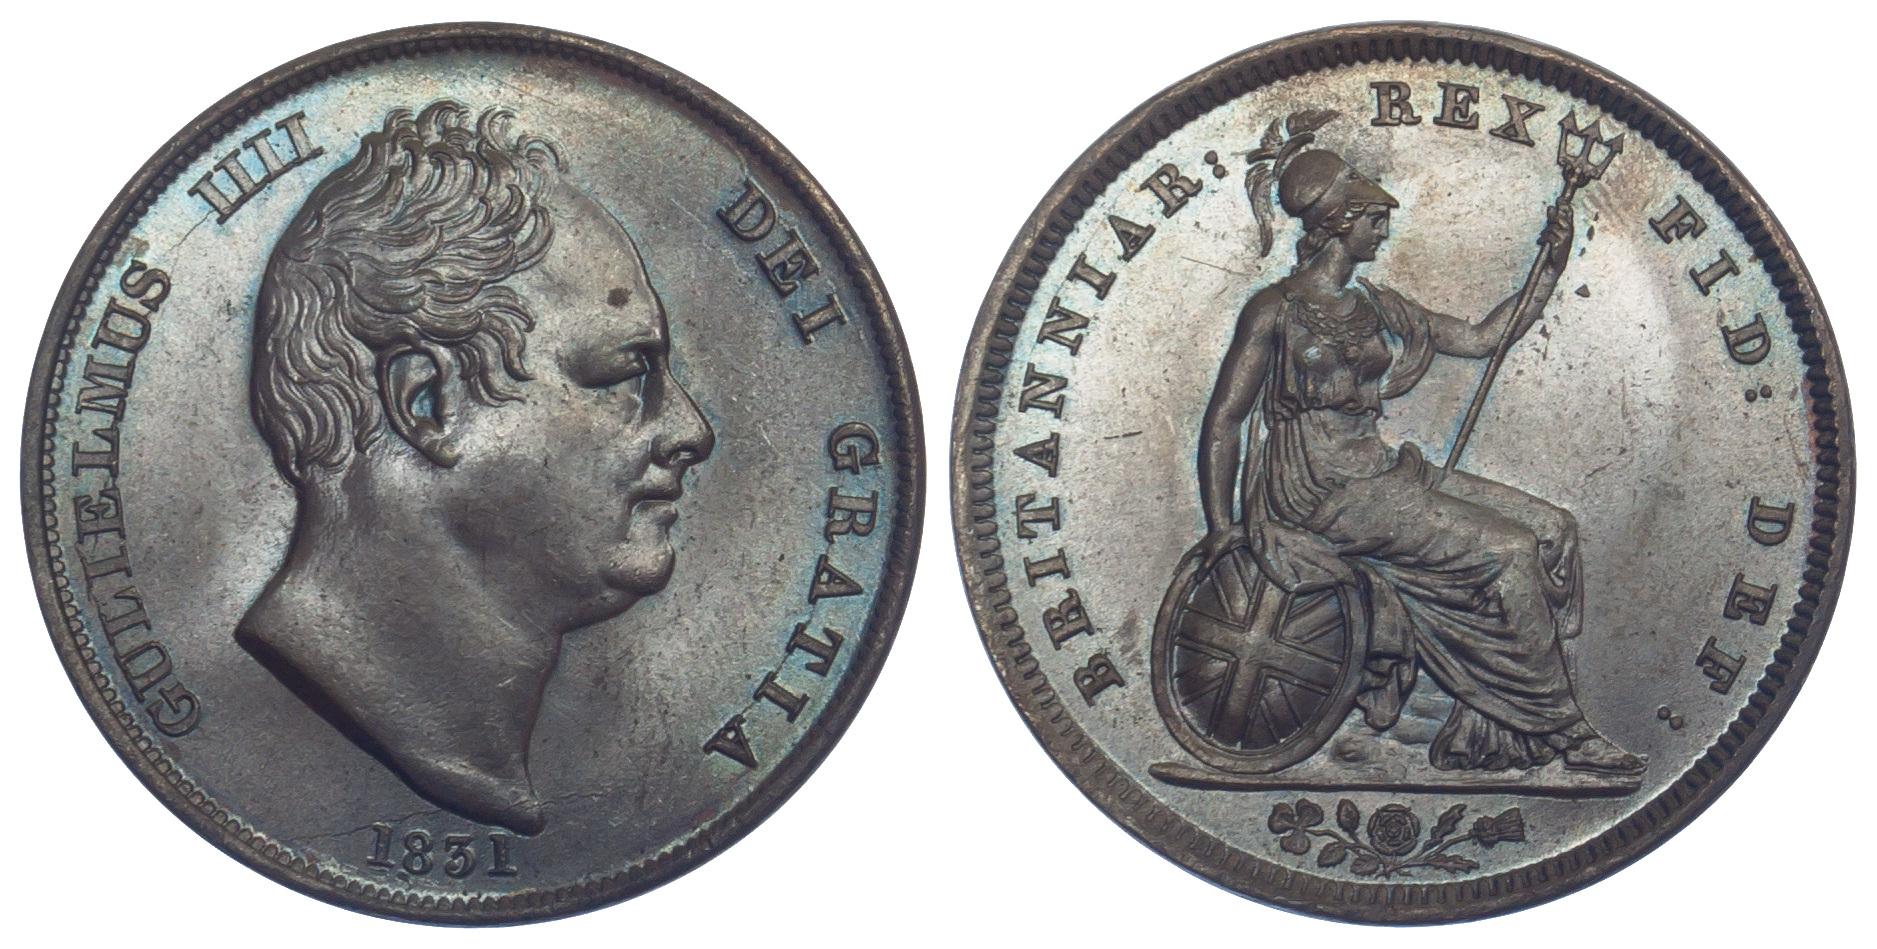 William IV, Penny, 1831